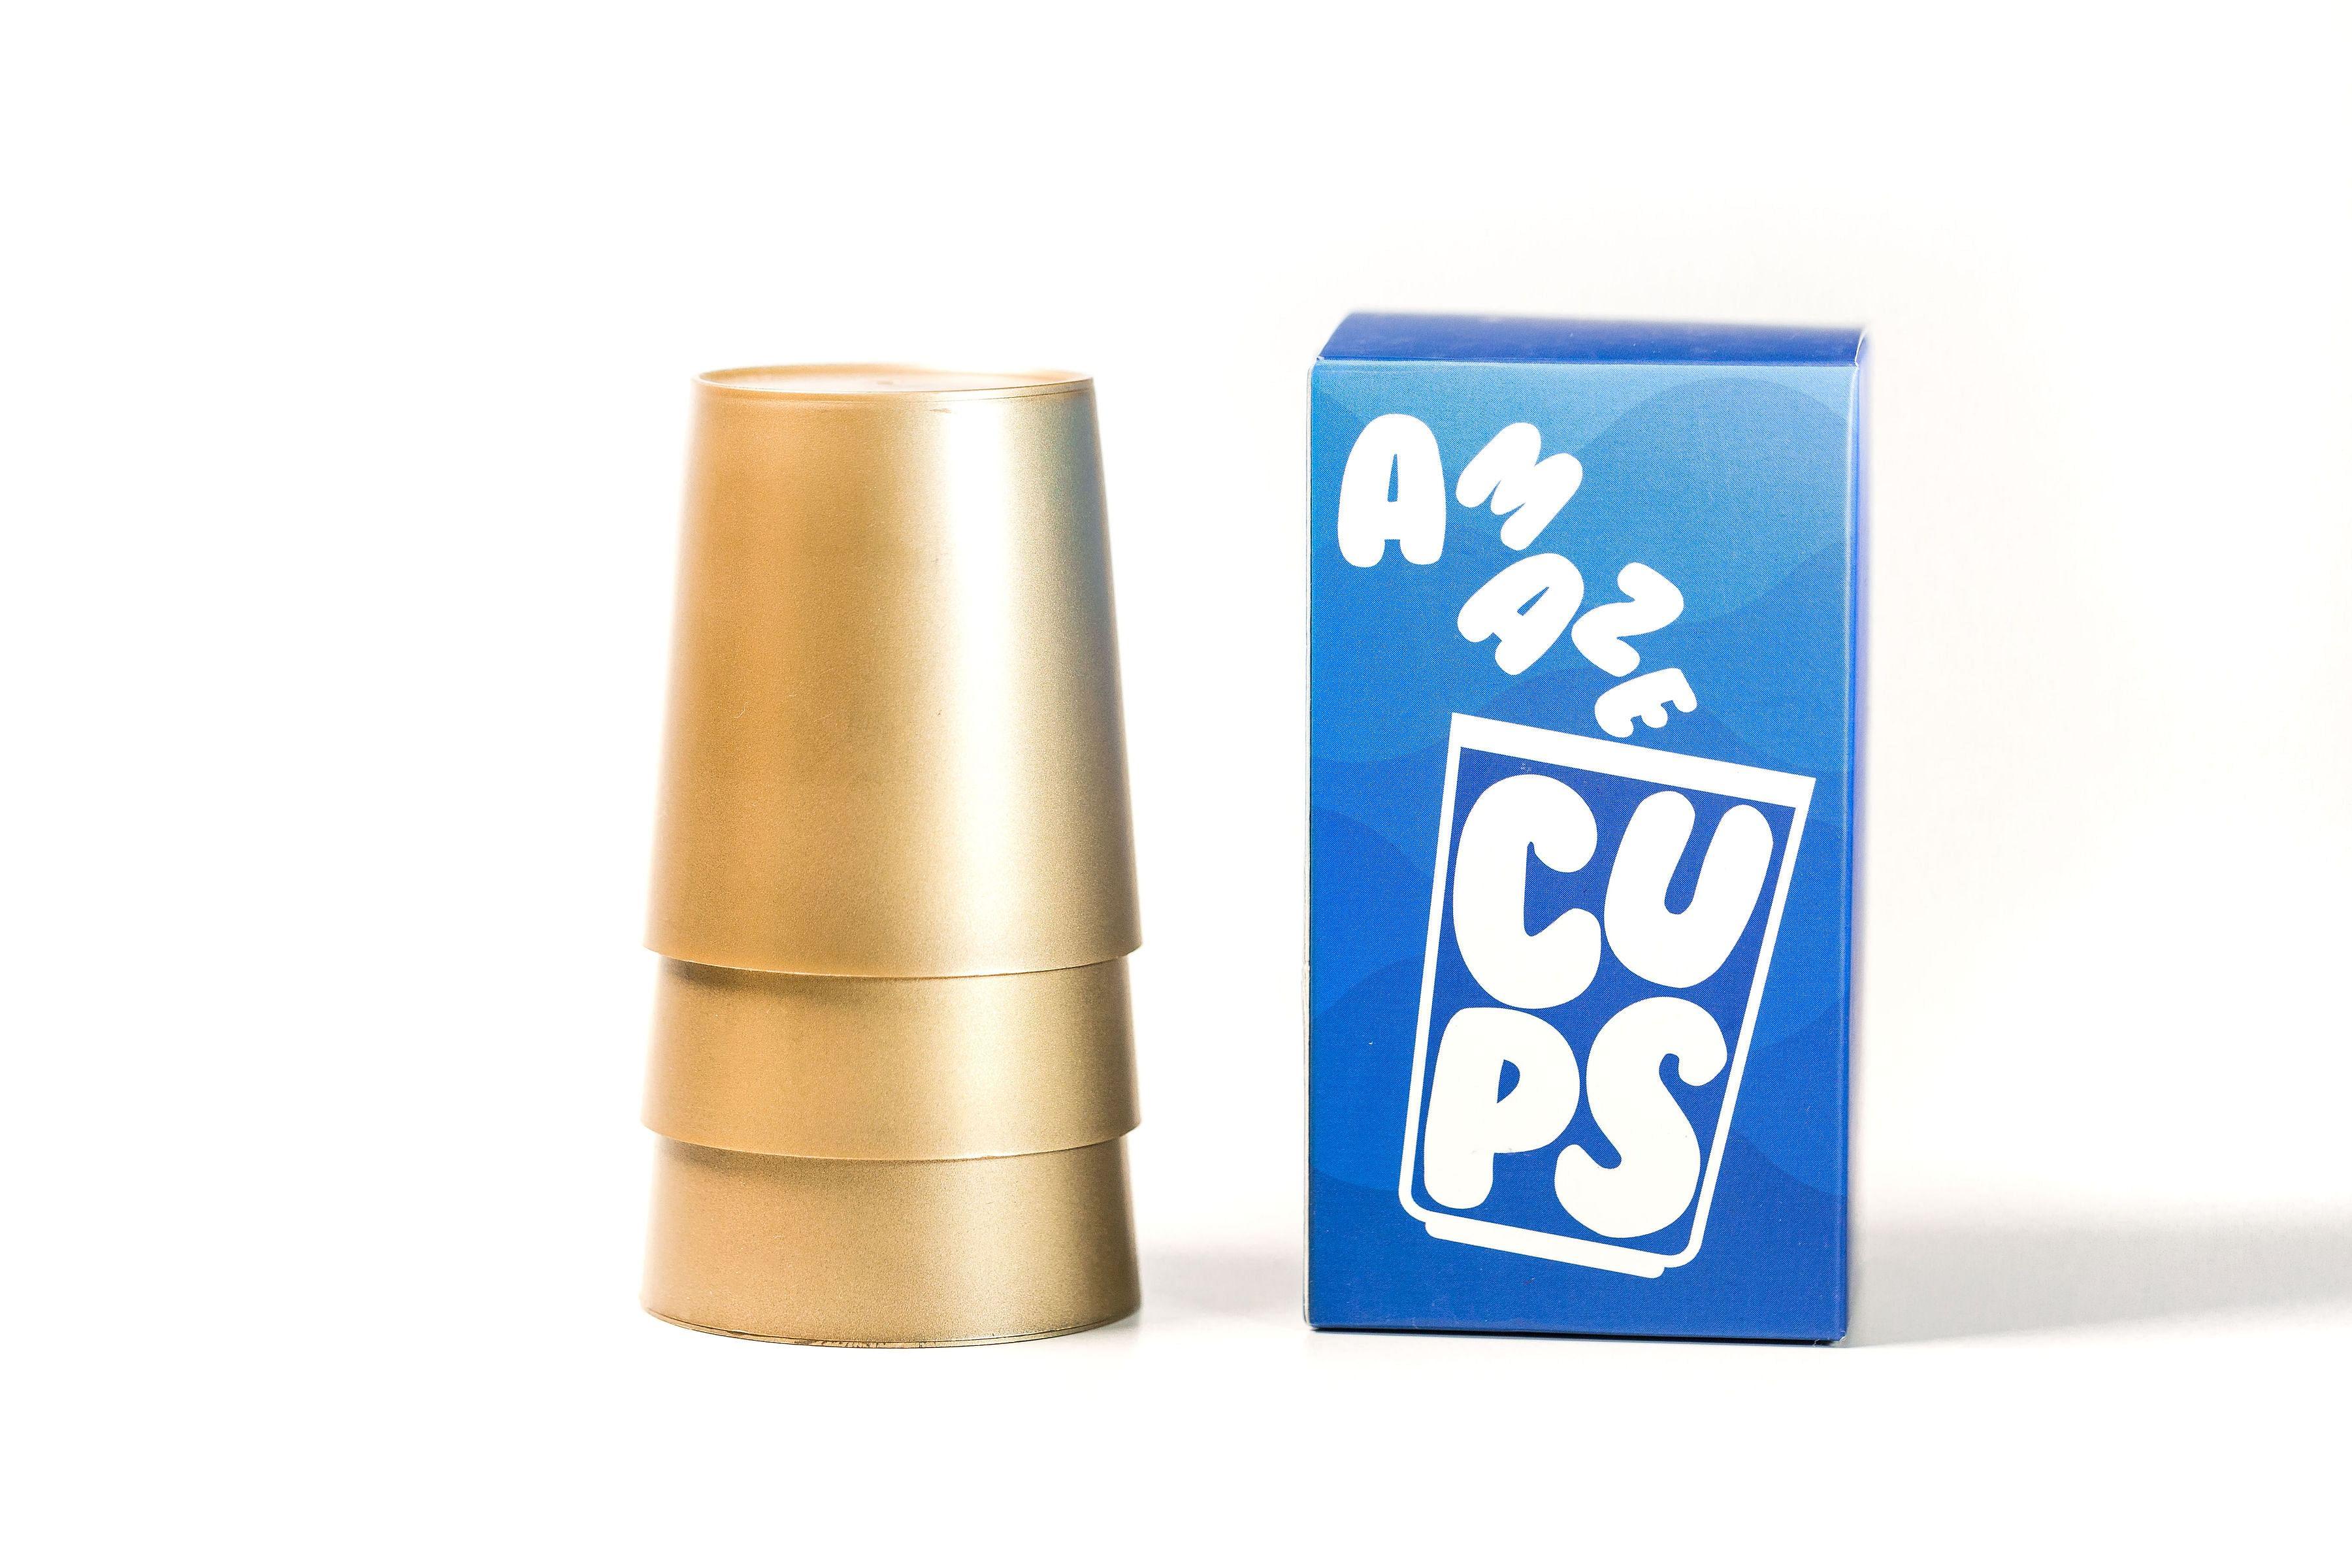 AmazeCups